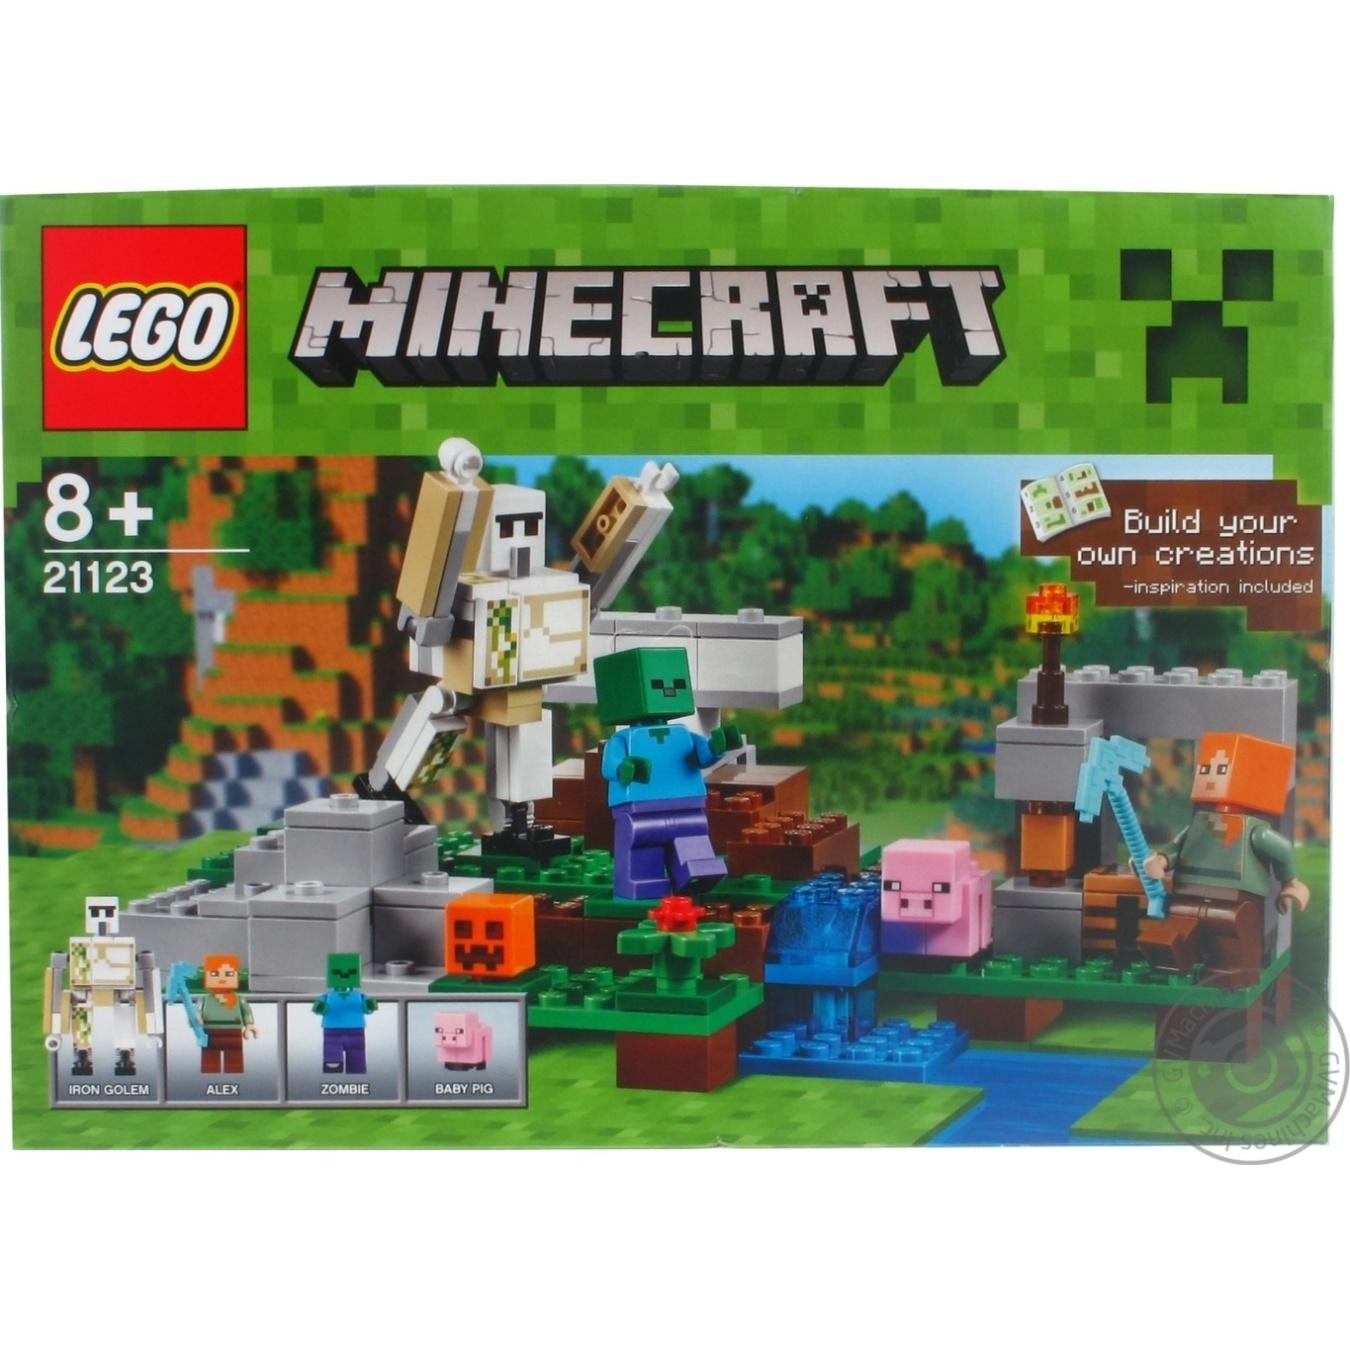 конструктор Lego железный голем 21123 детское игрушки